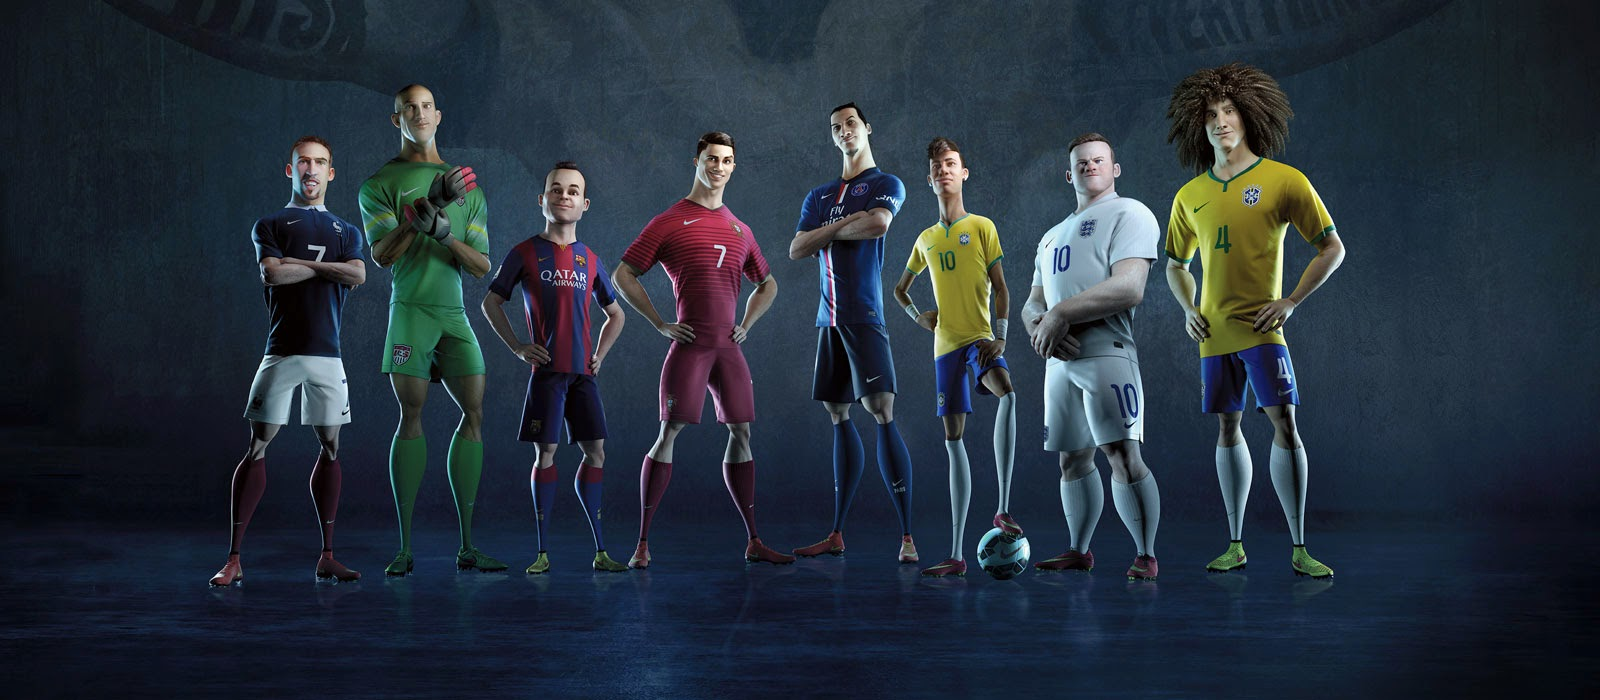 Campanha arrisque tudo: Animação da NIKE sobre futebol arte